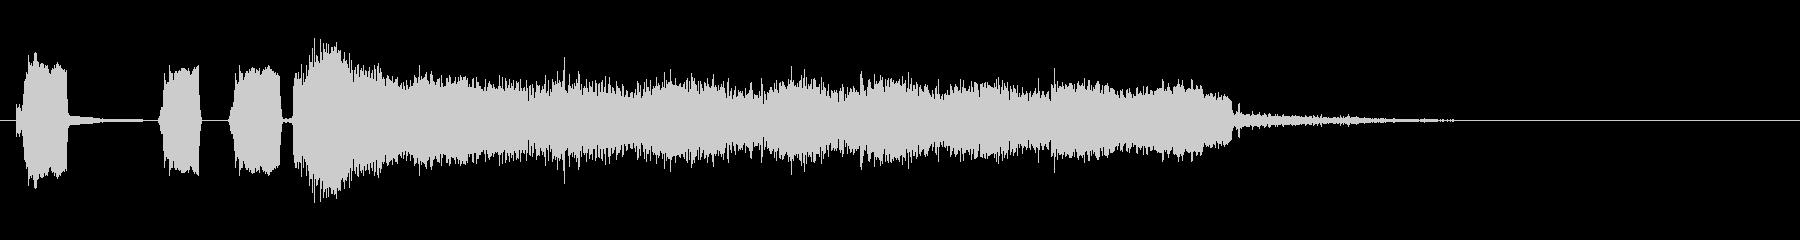 KANT褒め用ファンファーレ200608の未再生の波形